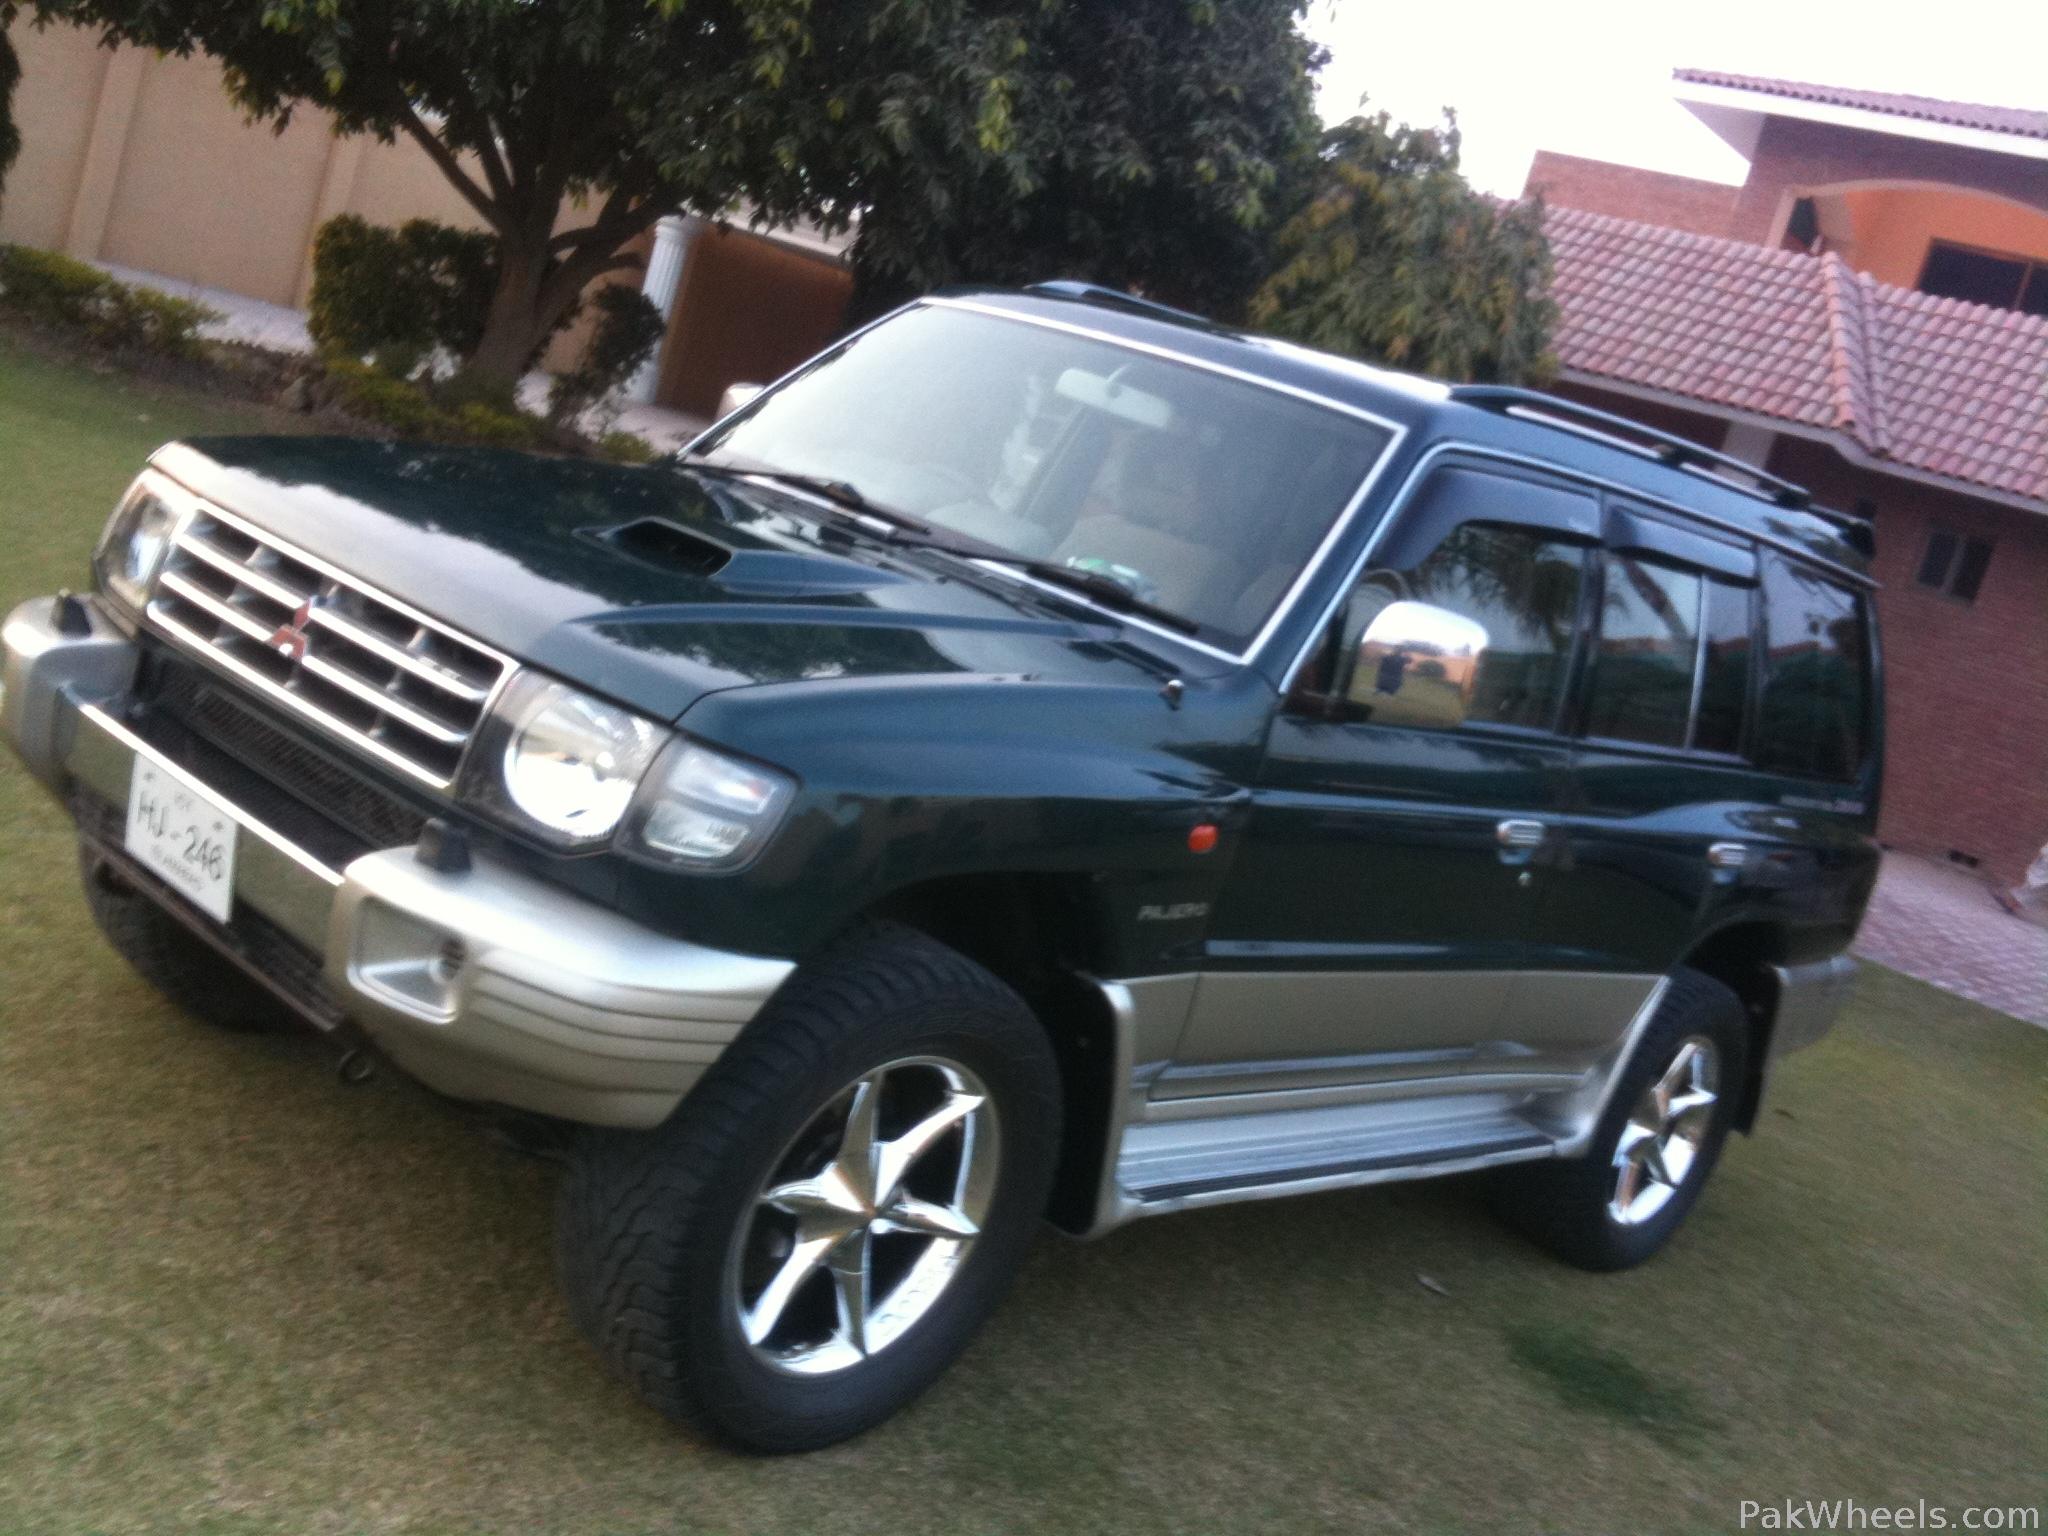 Mitsubishi Pajero 1998 of Desertrose_pk1 - Member Ride 12265